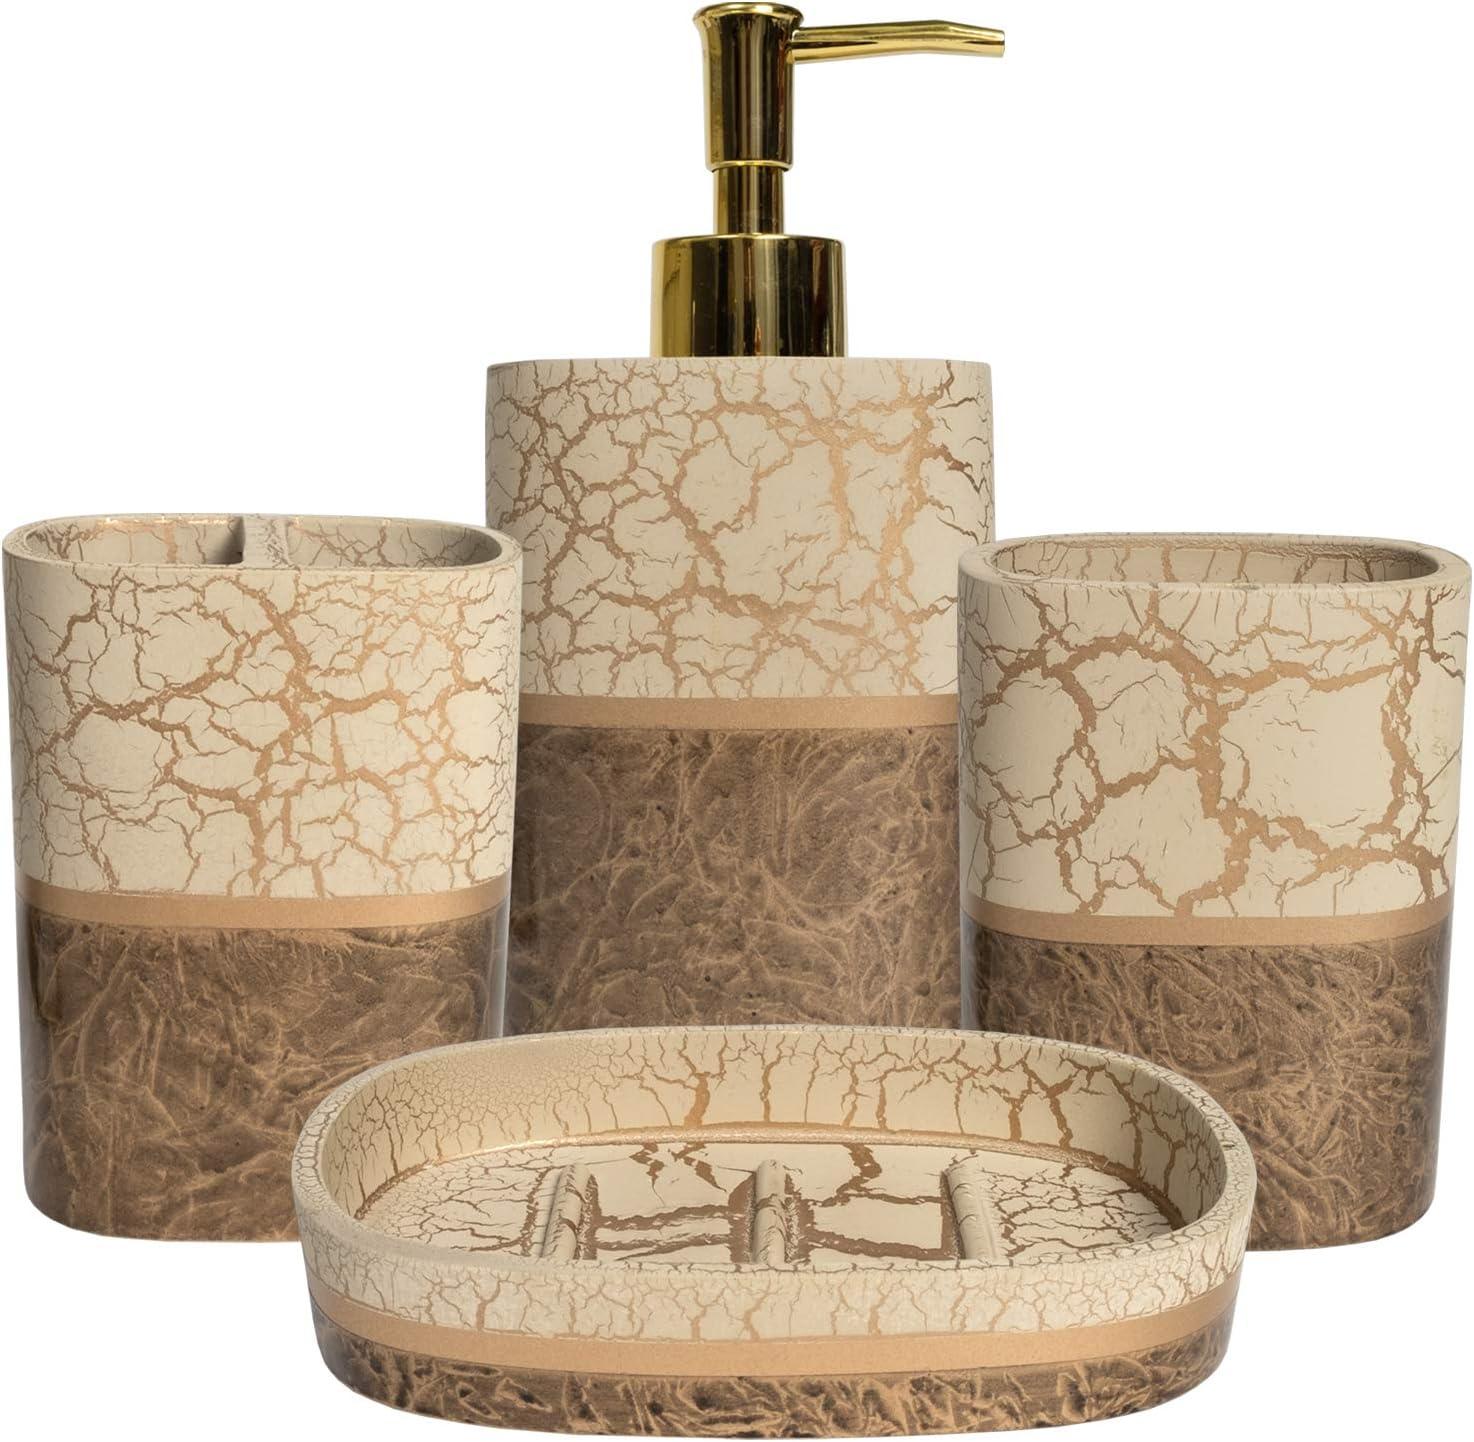 Sweet Home Collection Bathroom Accessories Collection Unique Decorative Beautiful Designs Bath Décor, 4 Piece Set, Parker